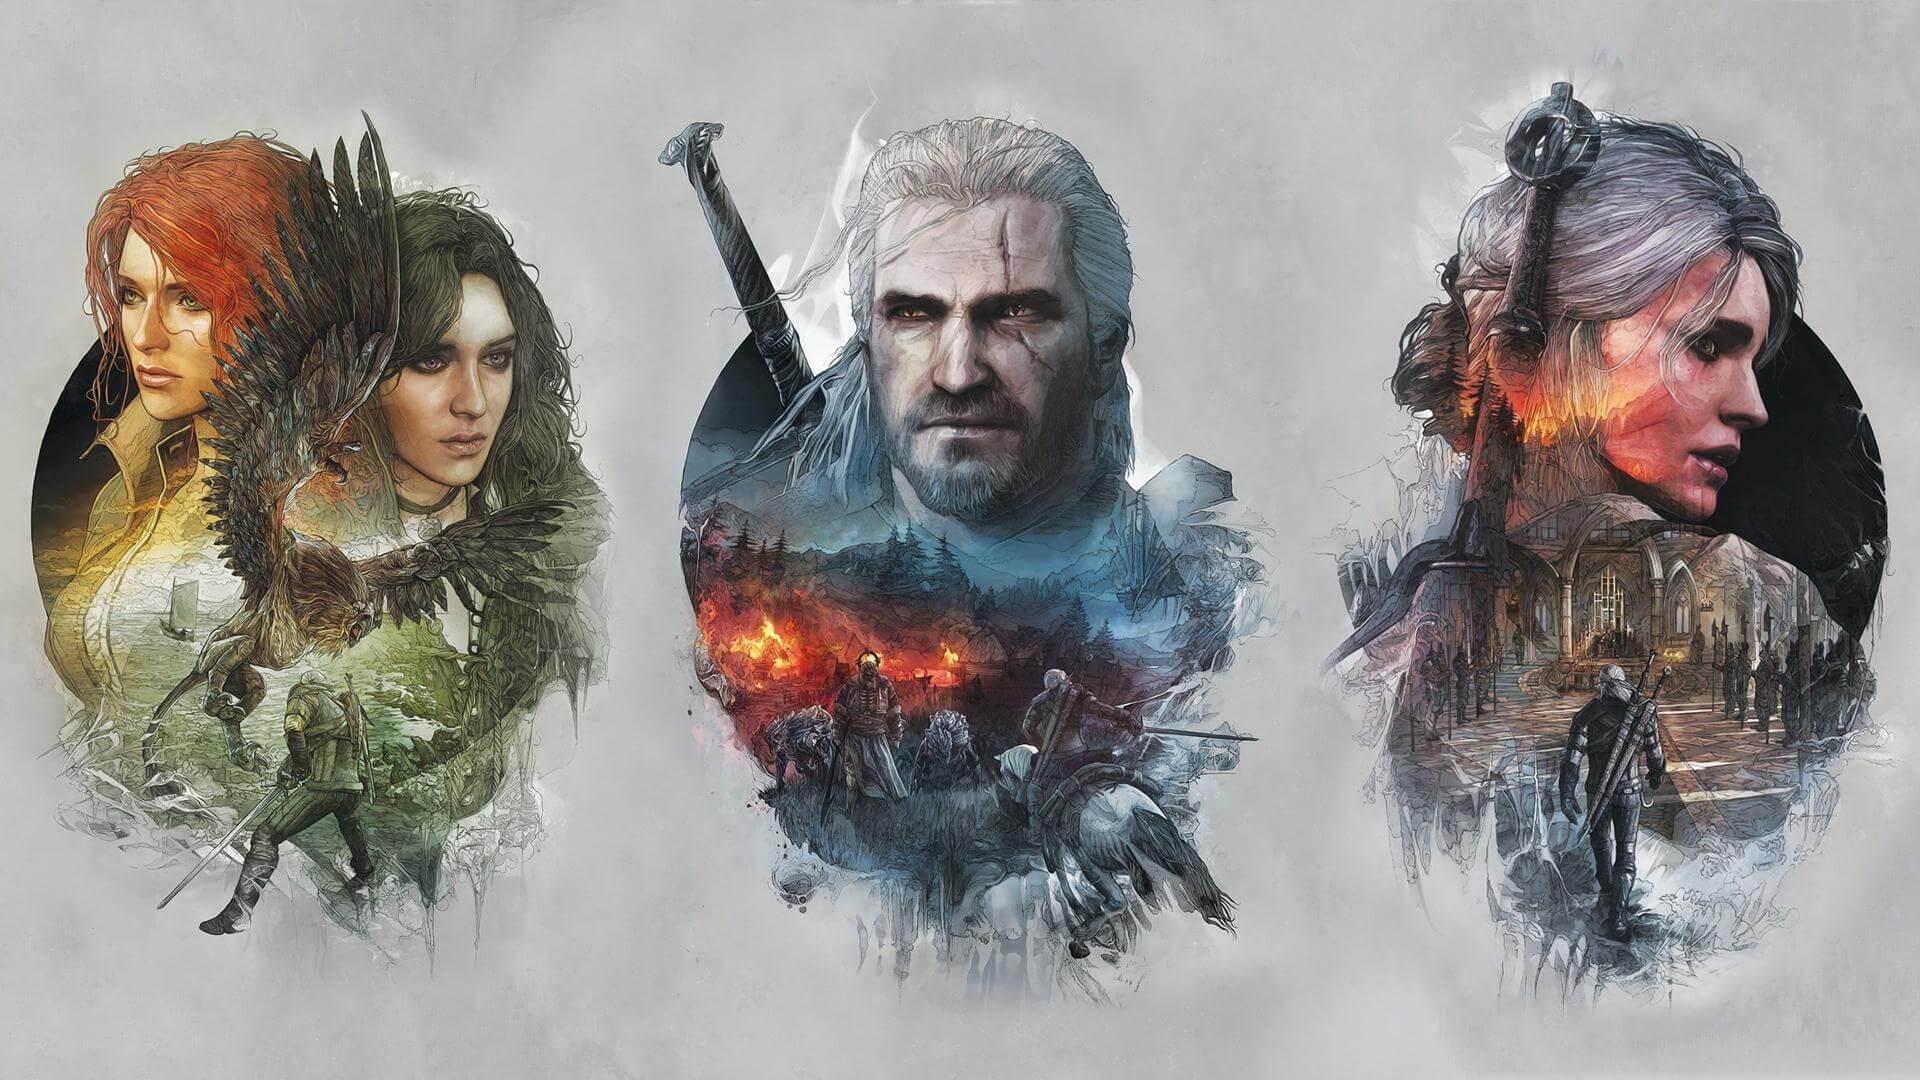 Witcher 3 Ciri Geralt Yennefer Wallpaper